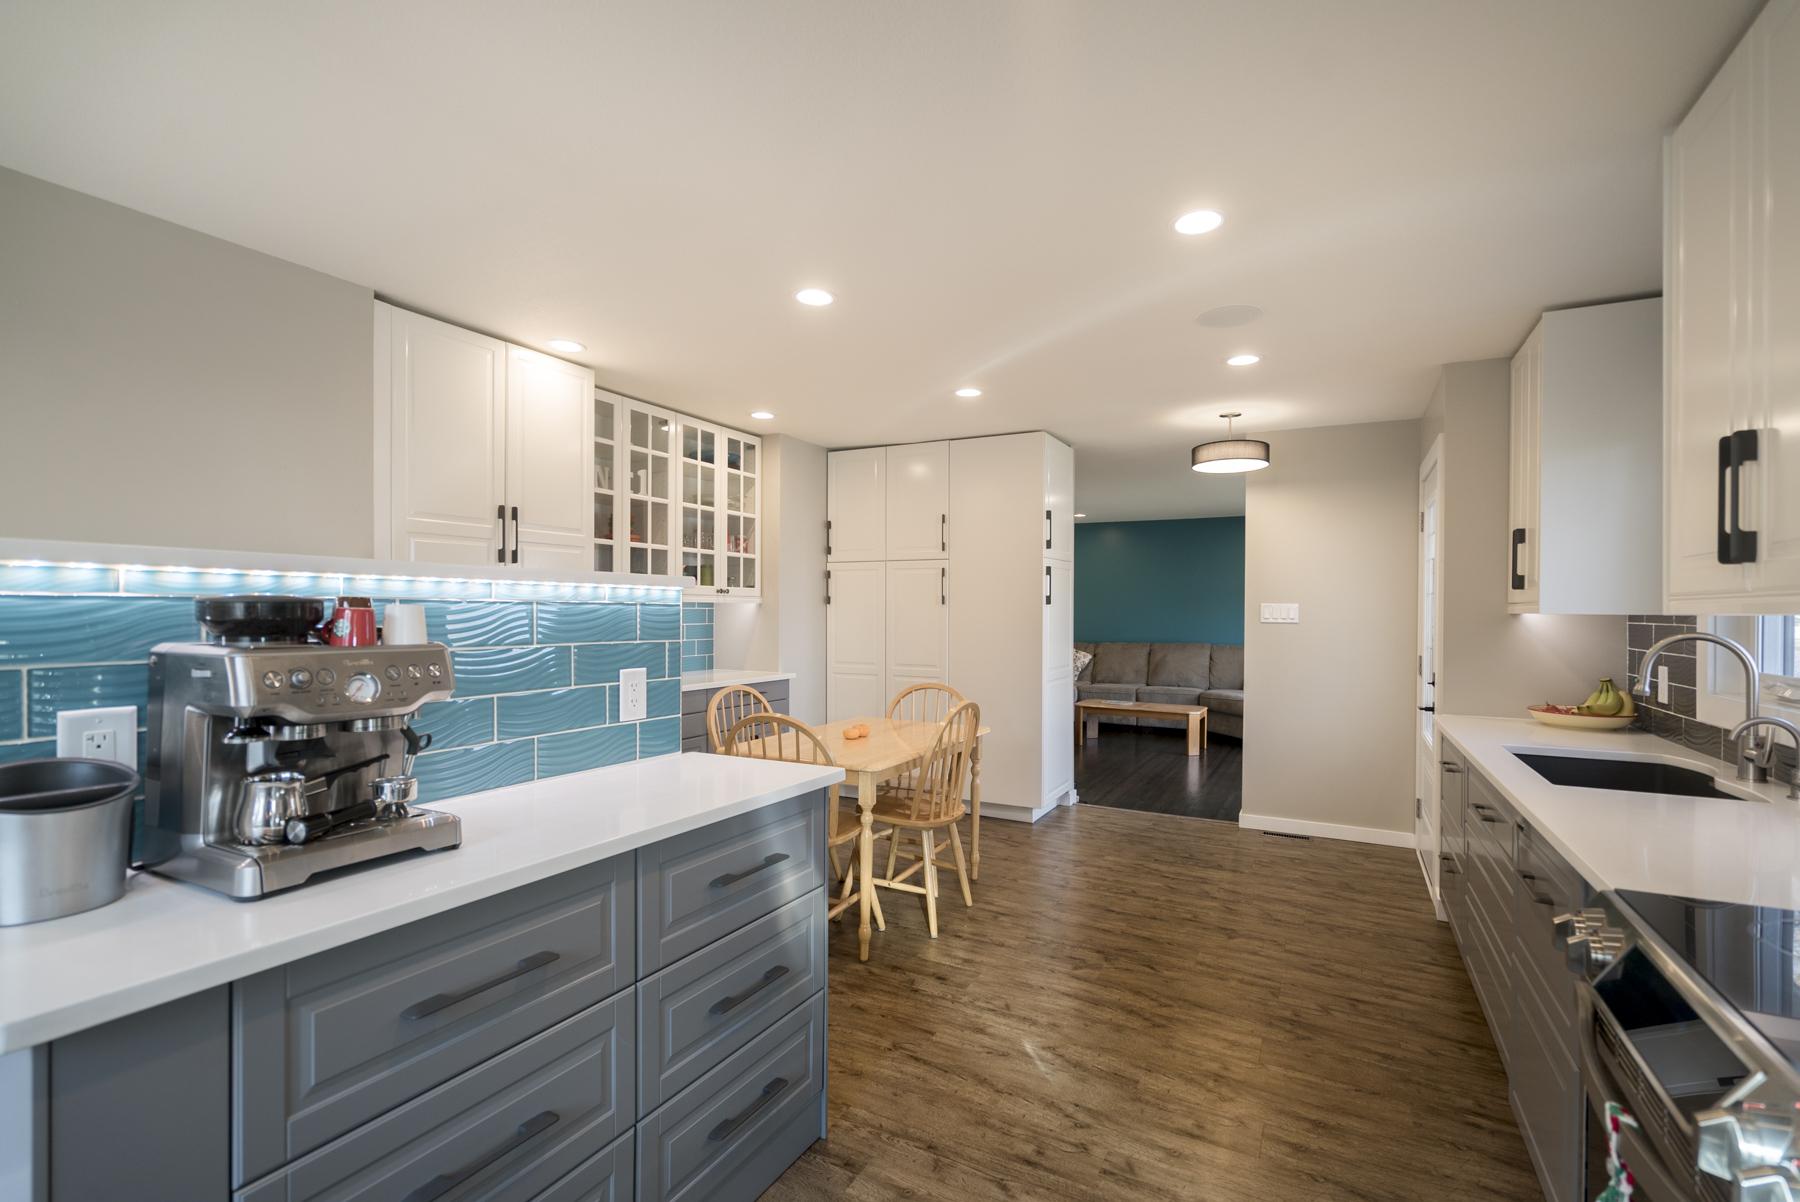 Birchwood-Kitchen-Reno-web-2-of-13.jpg